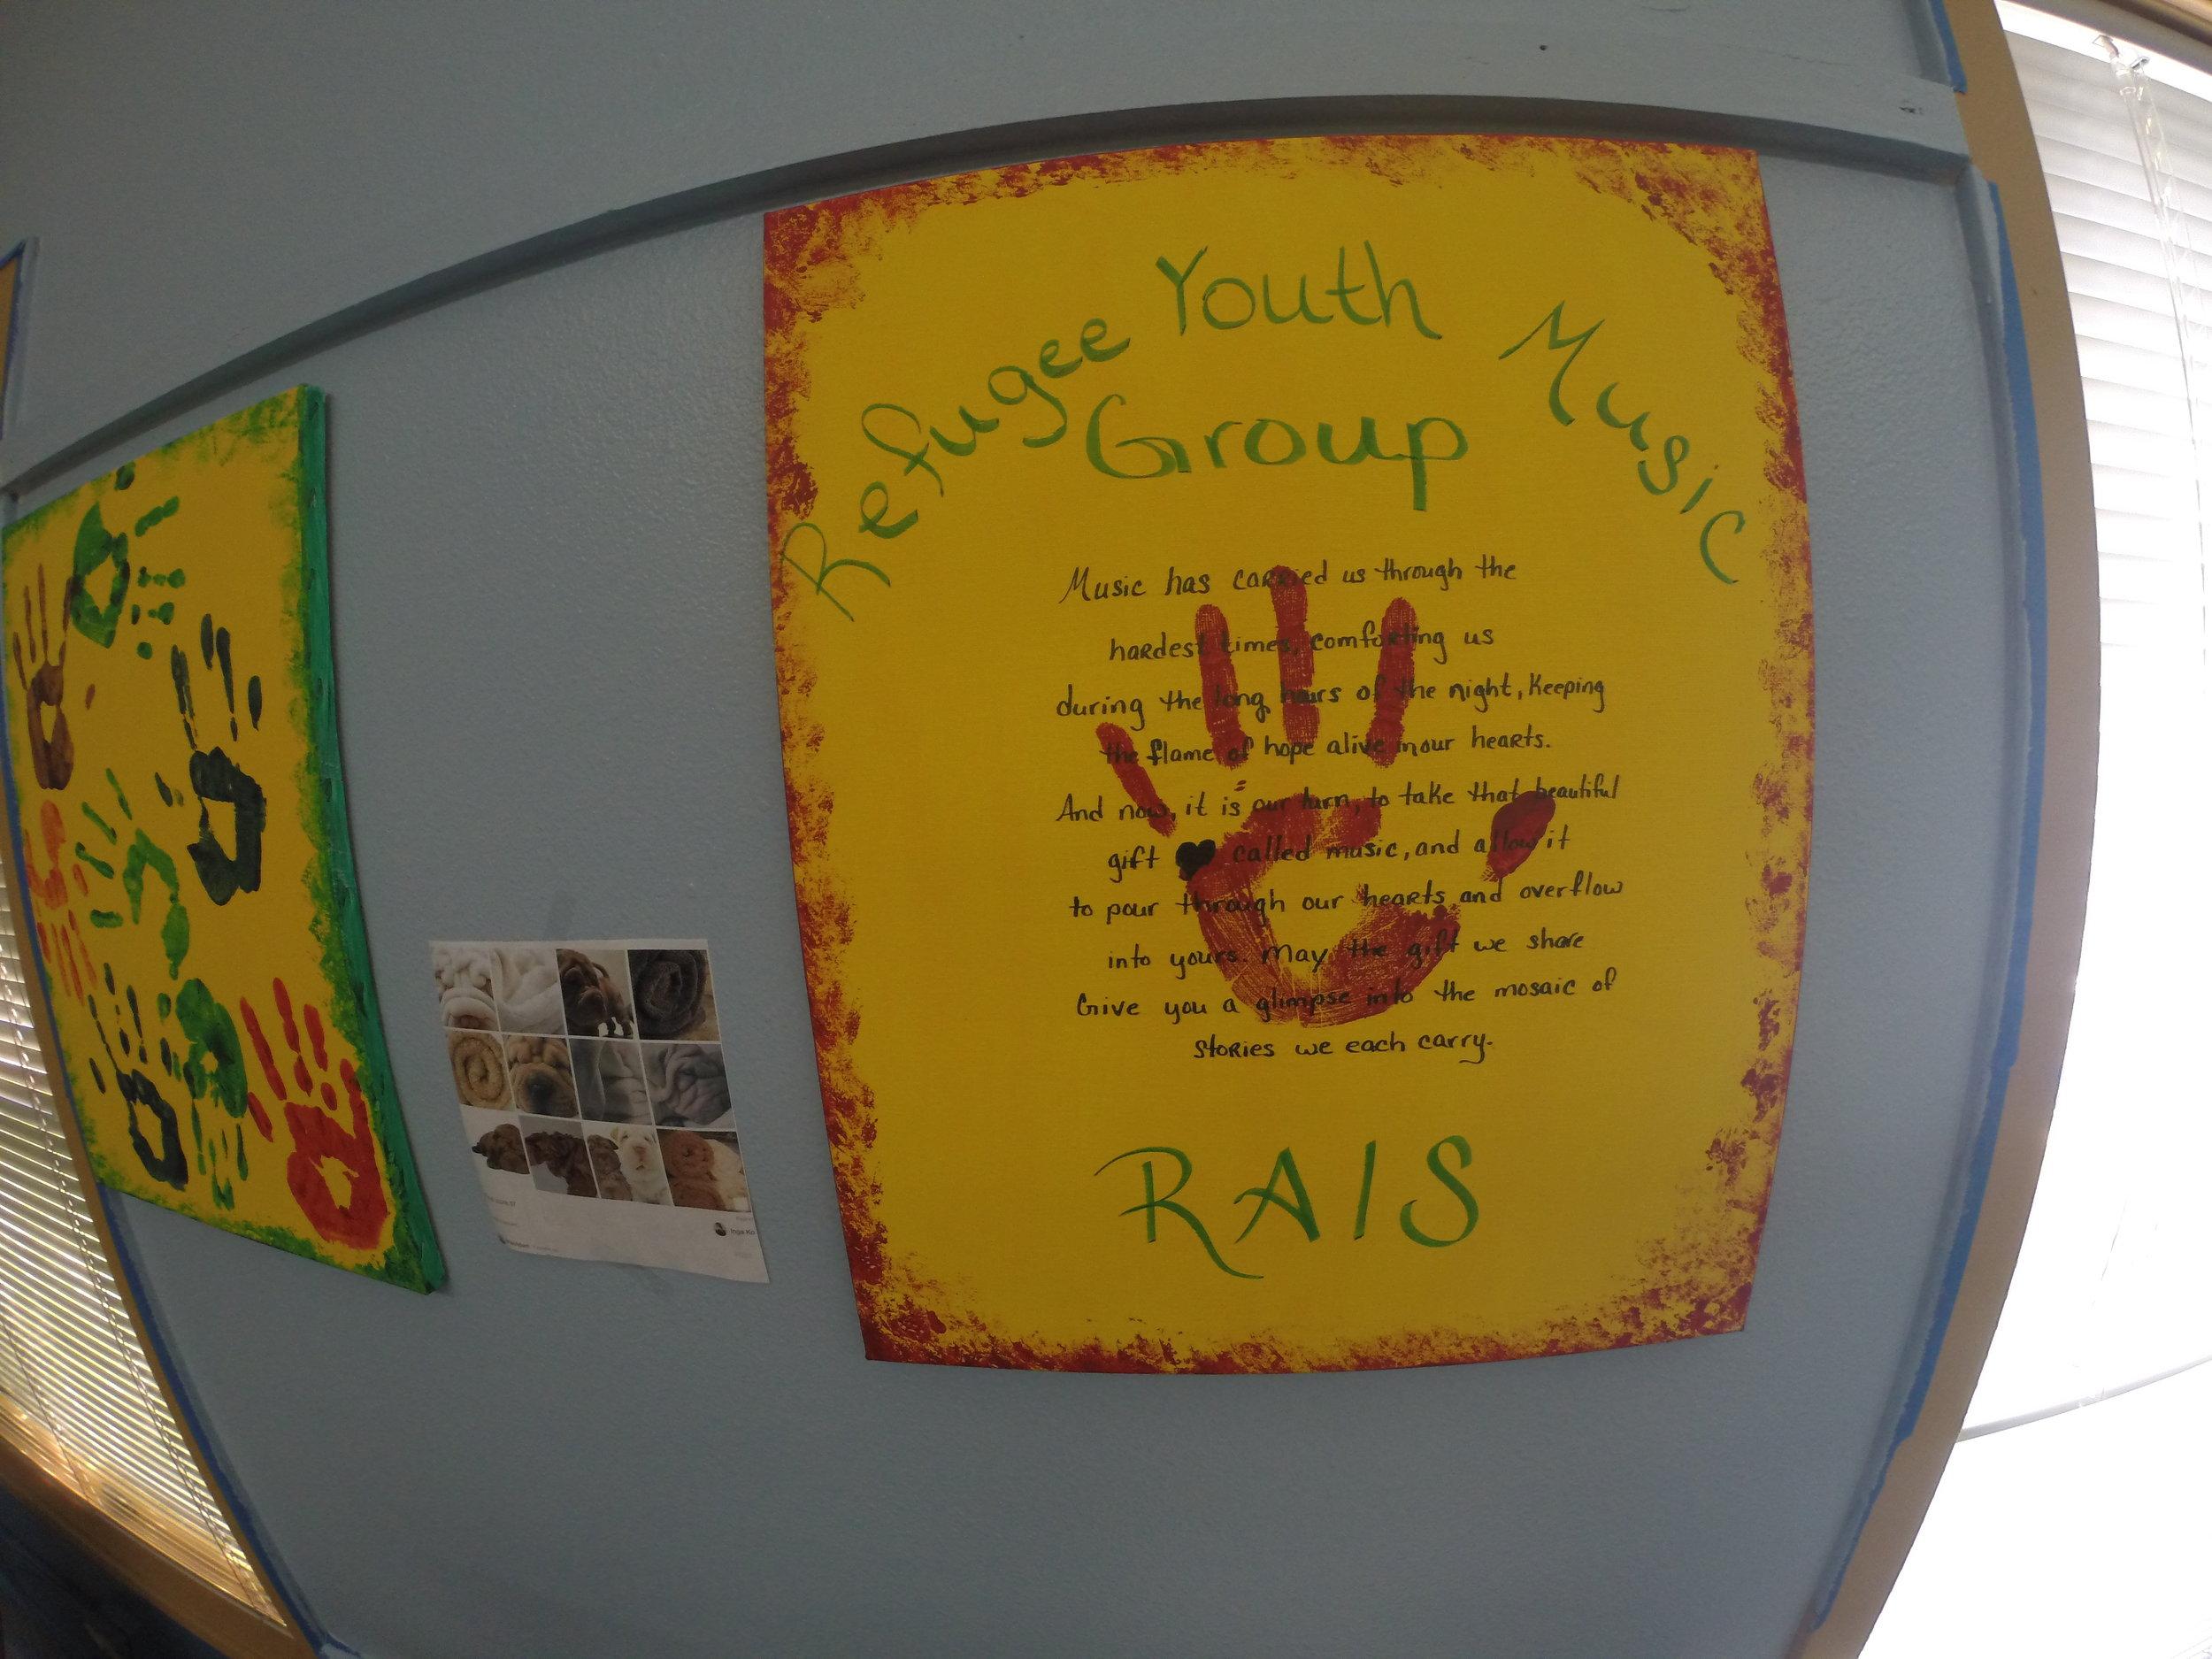 R.A.I.S. art